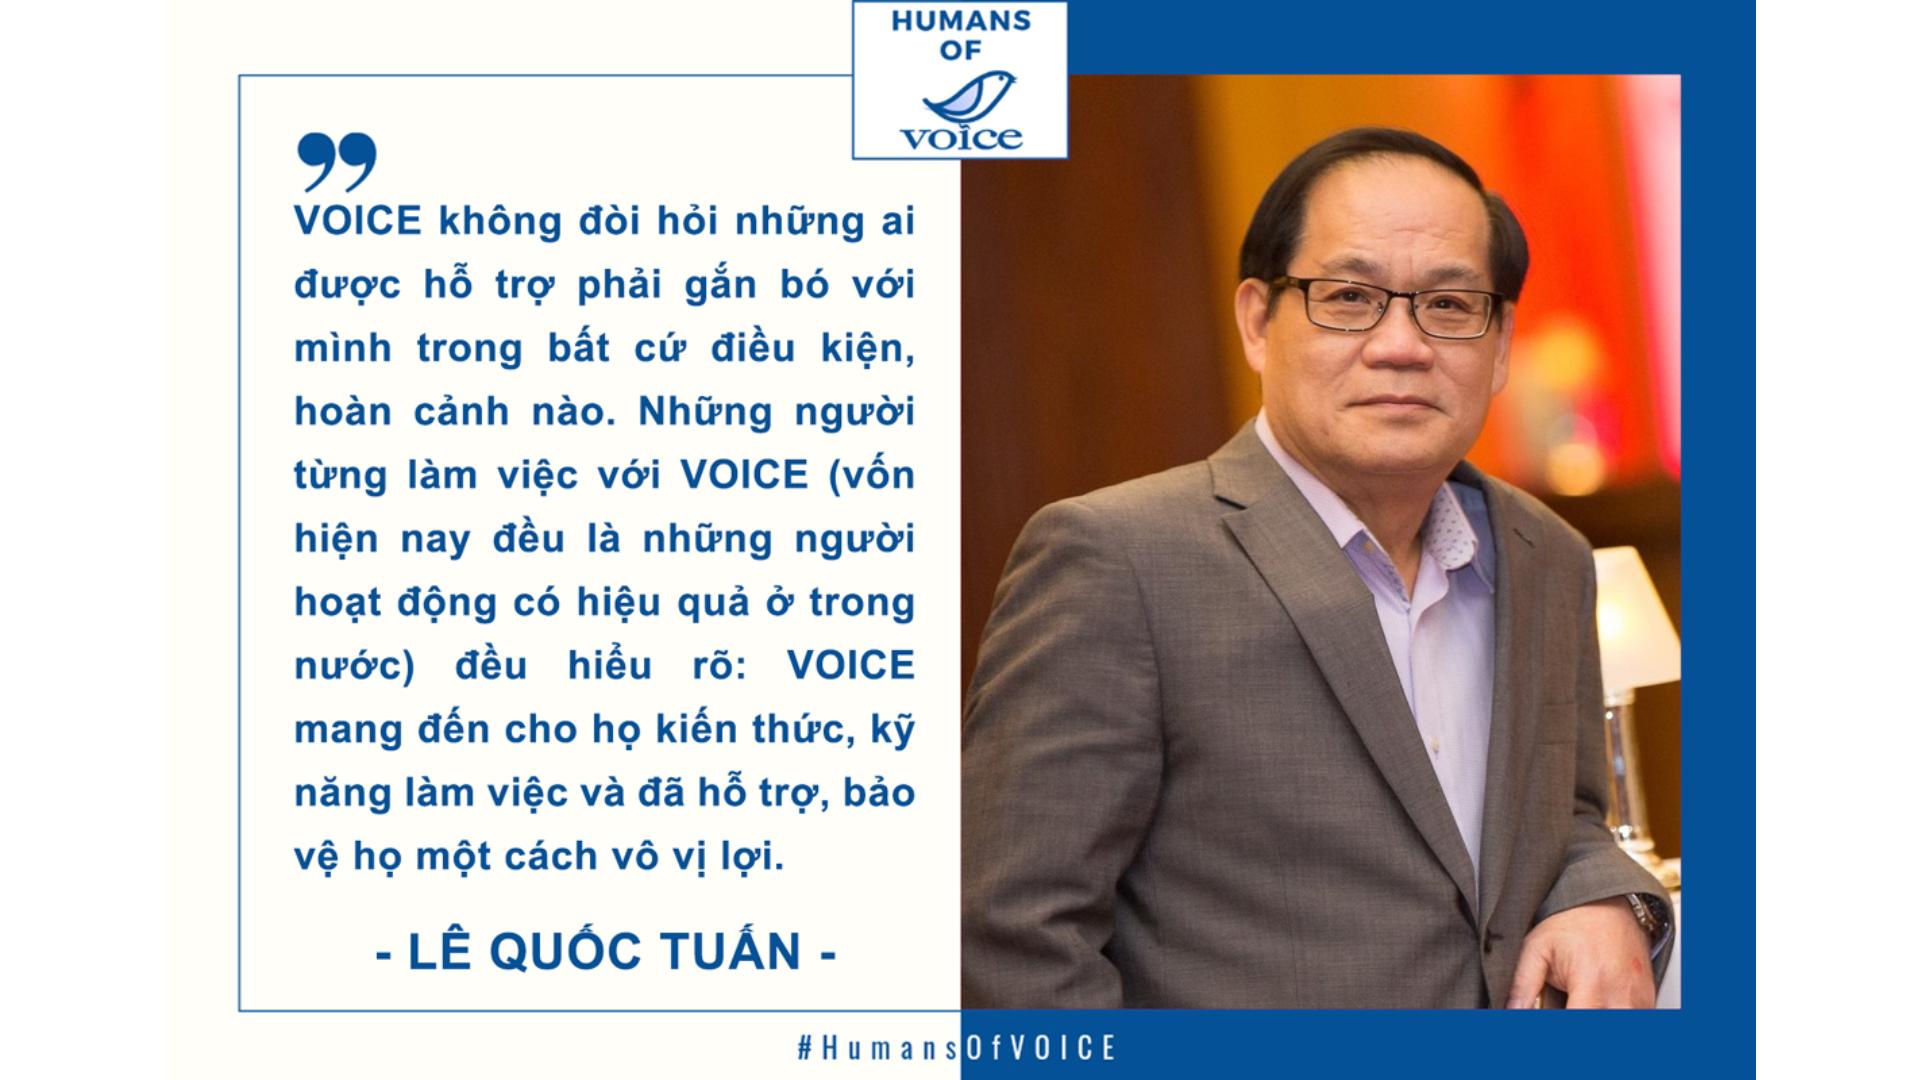 Humans of VOICE: Lê Quốc Tuấn